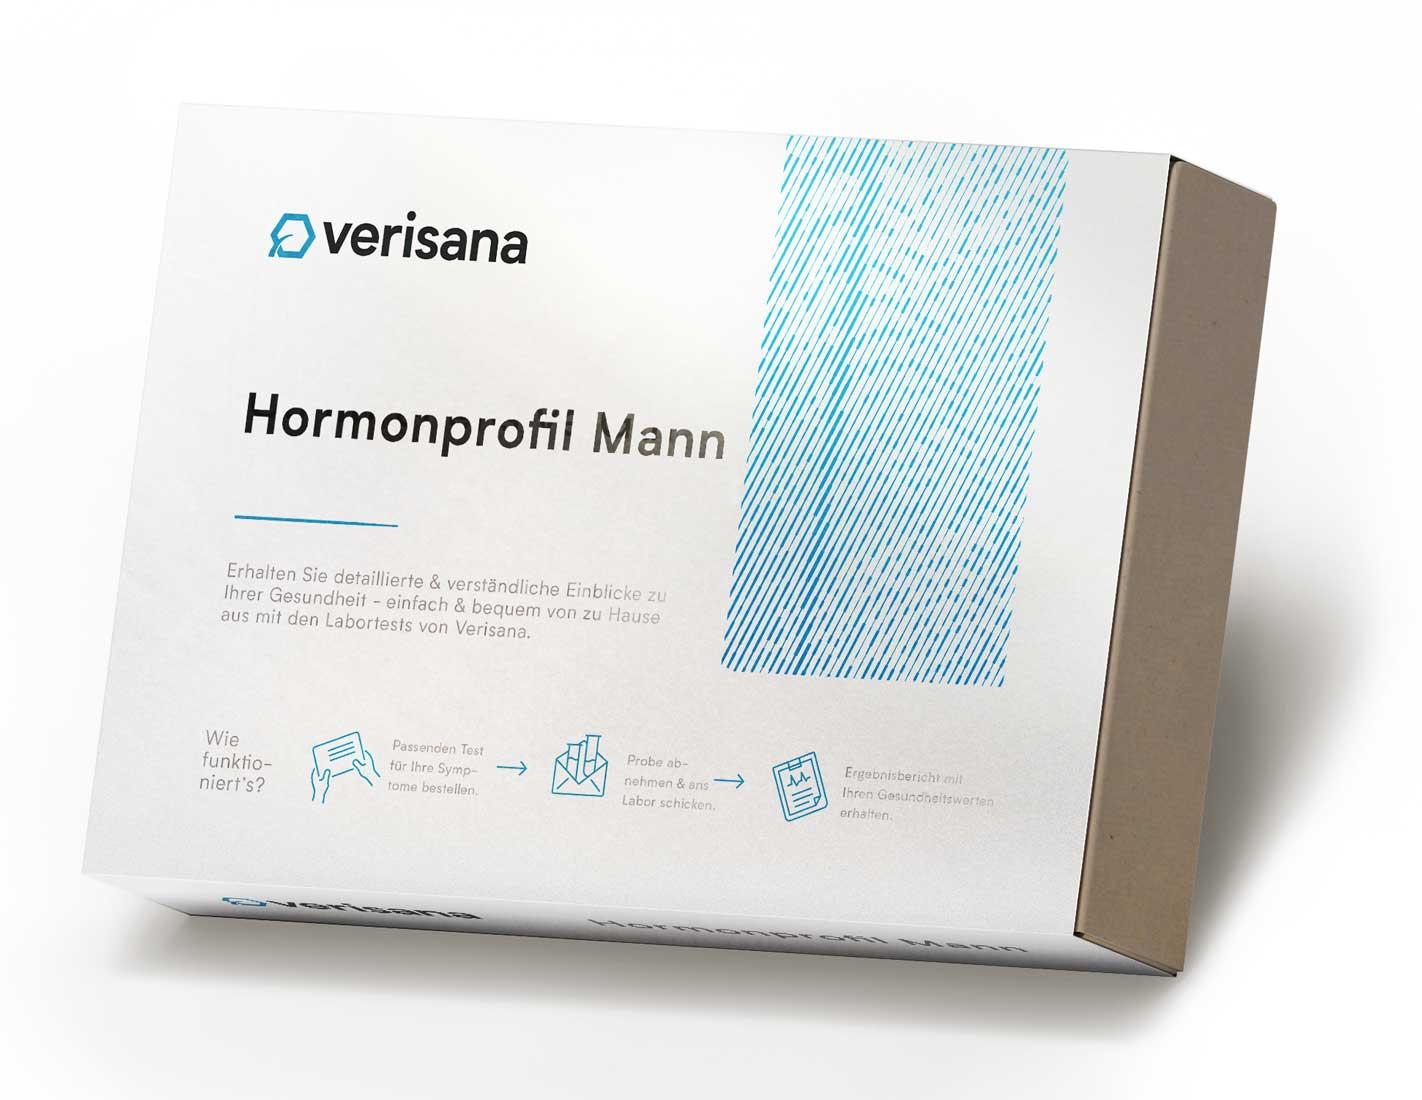 Hormonprofil Mann, Speicheltest auf fünf Hormone